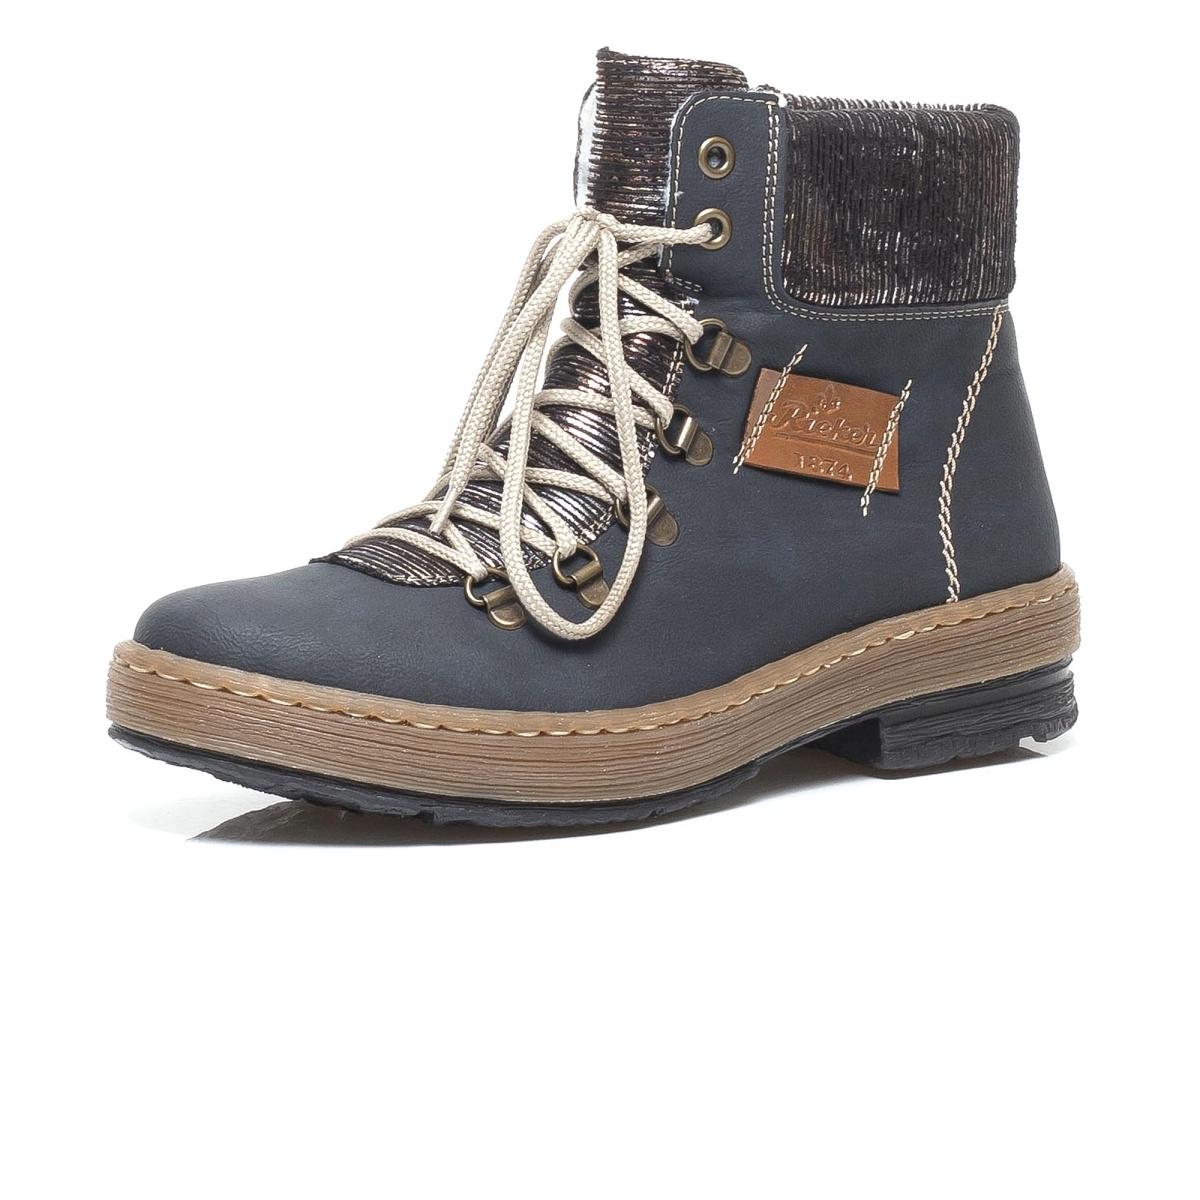 8860ca69e1 detail Dámská obuv RIEKER Z6743 14 BLAU KOMBI H W 8